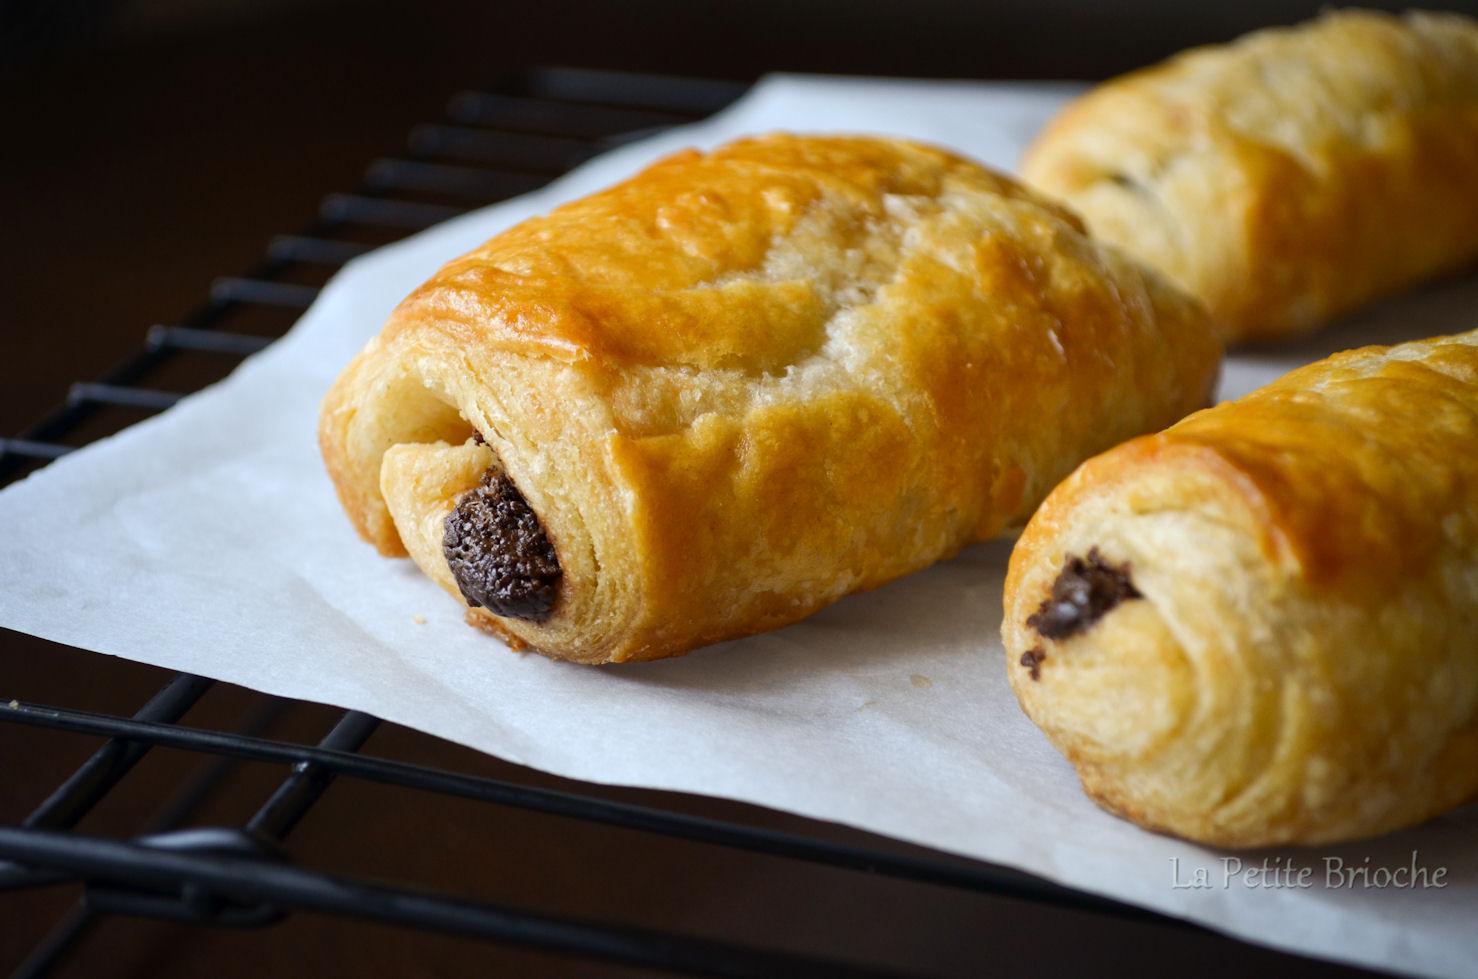 La Petite Brioche: Quick Puff Pastry